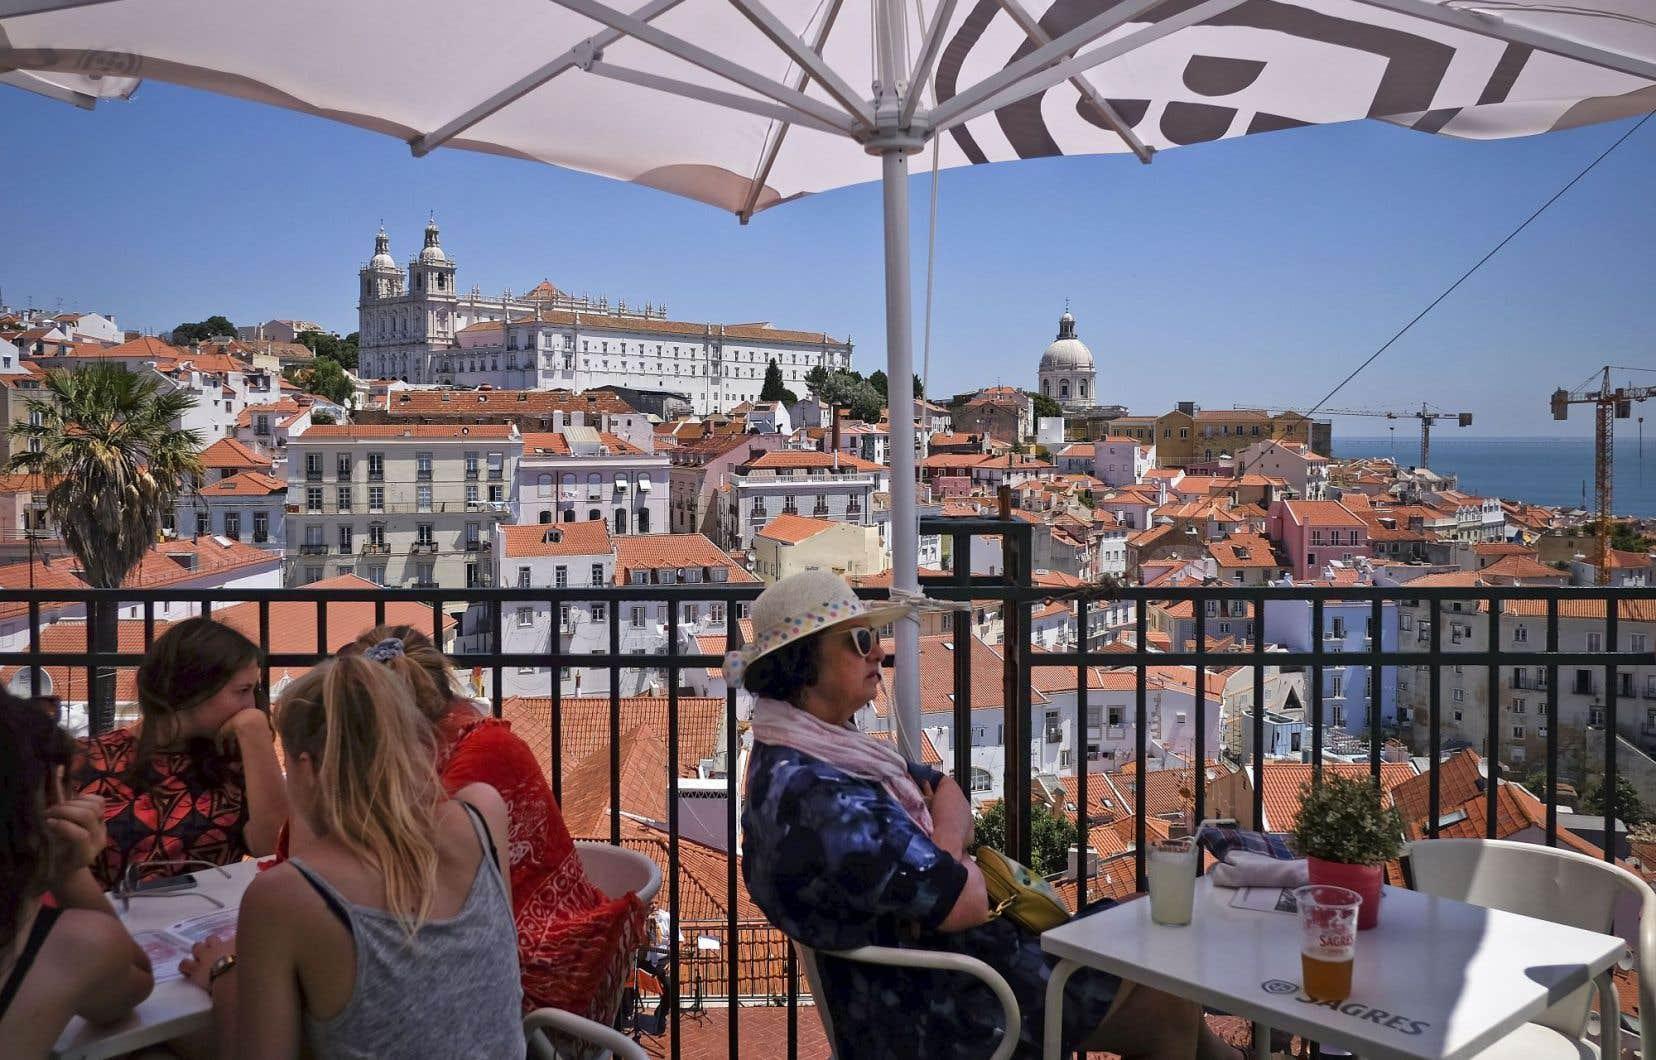 Des touristes profitent de la douceur de la vie lisboète sur l'esplanade à Portas do Sol, dans le centre de la capitale portugaise.